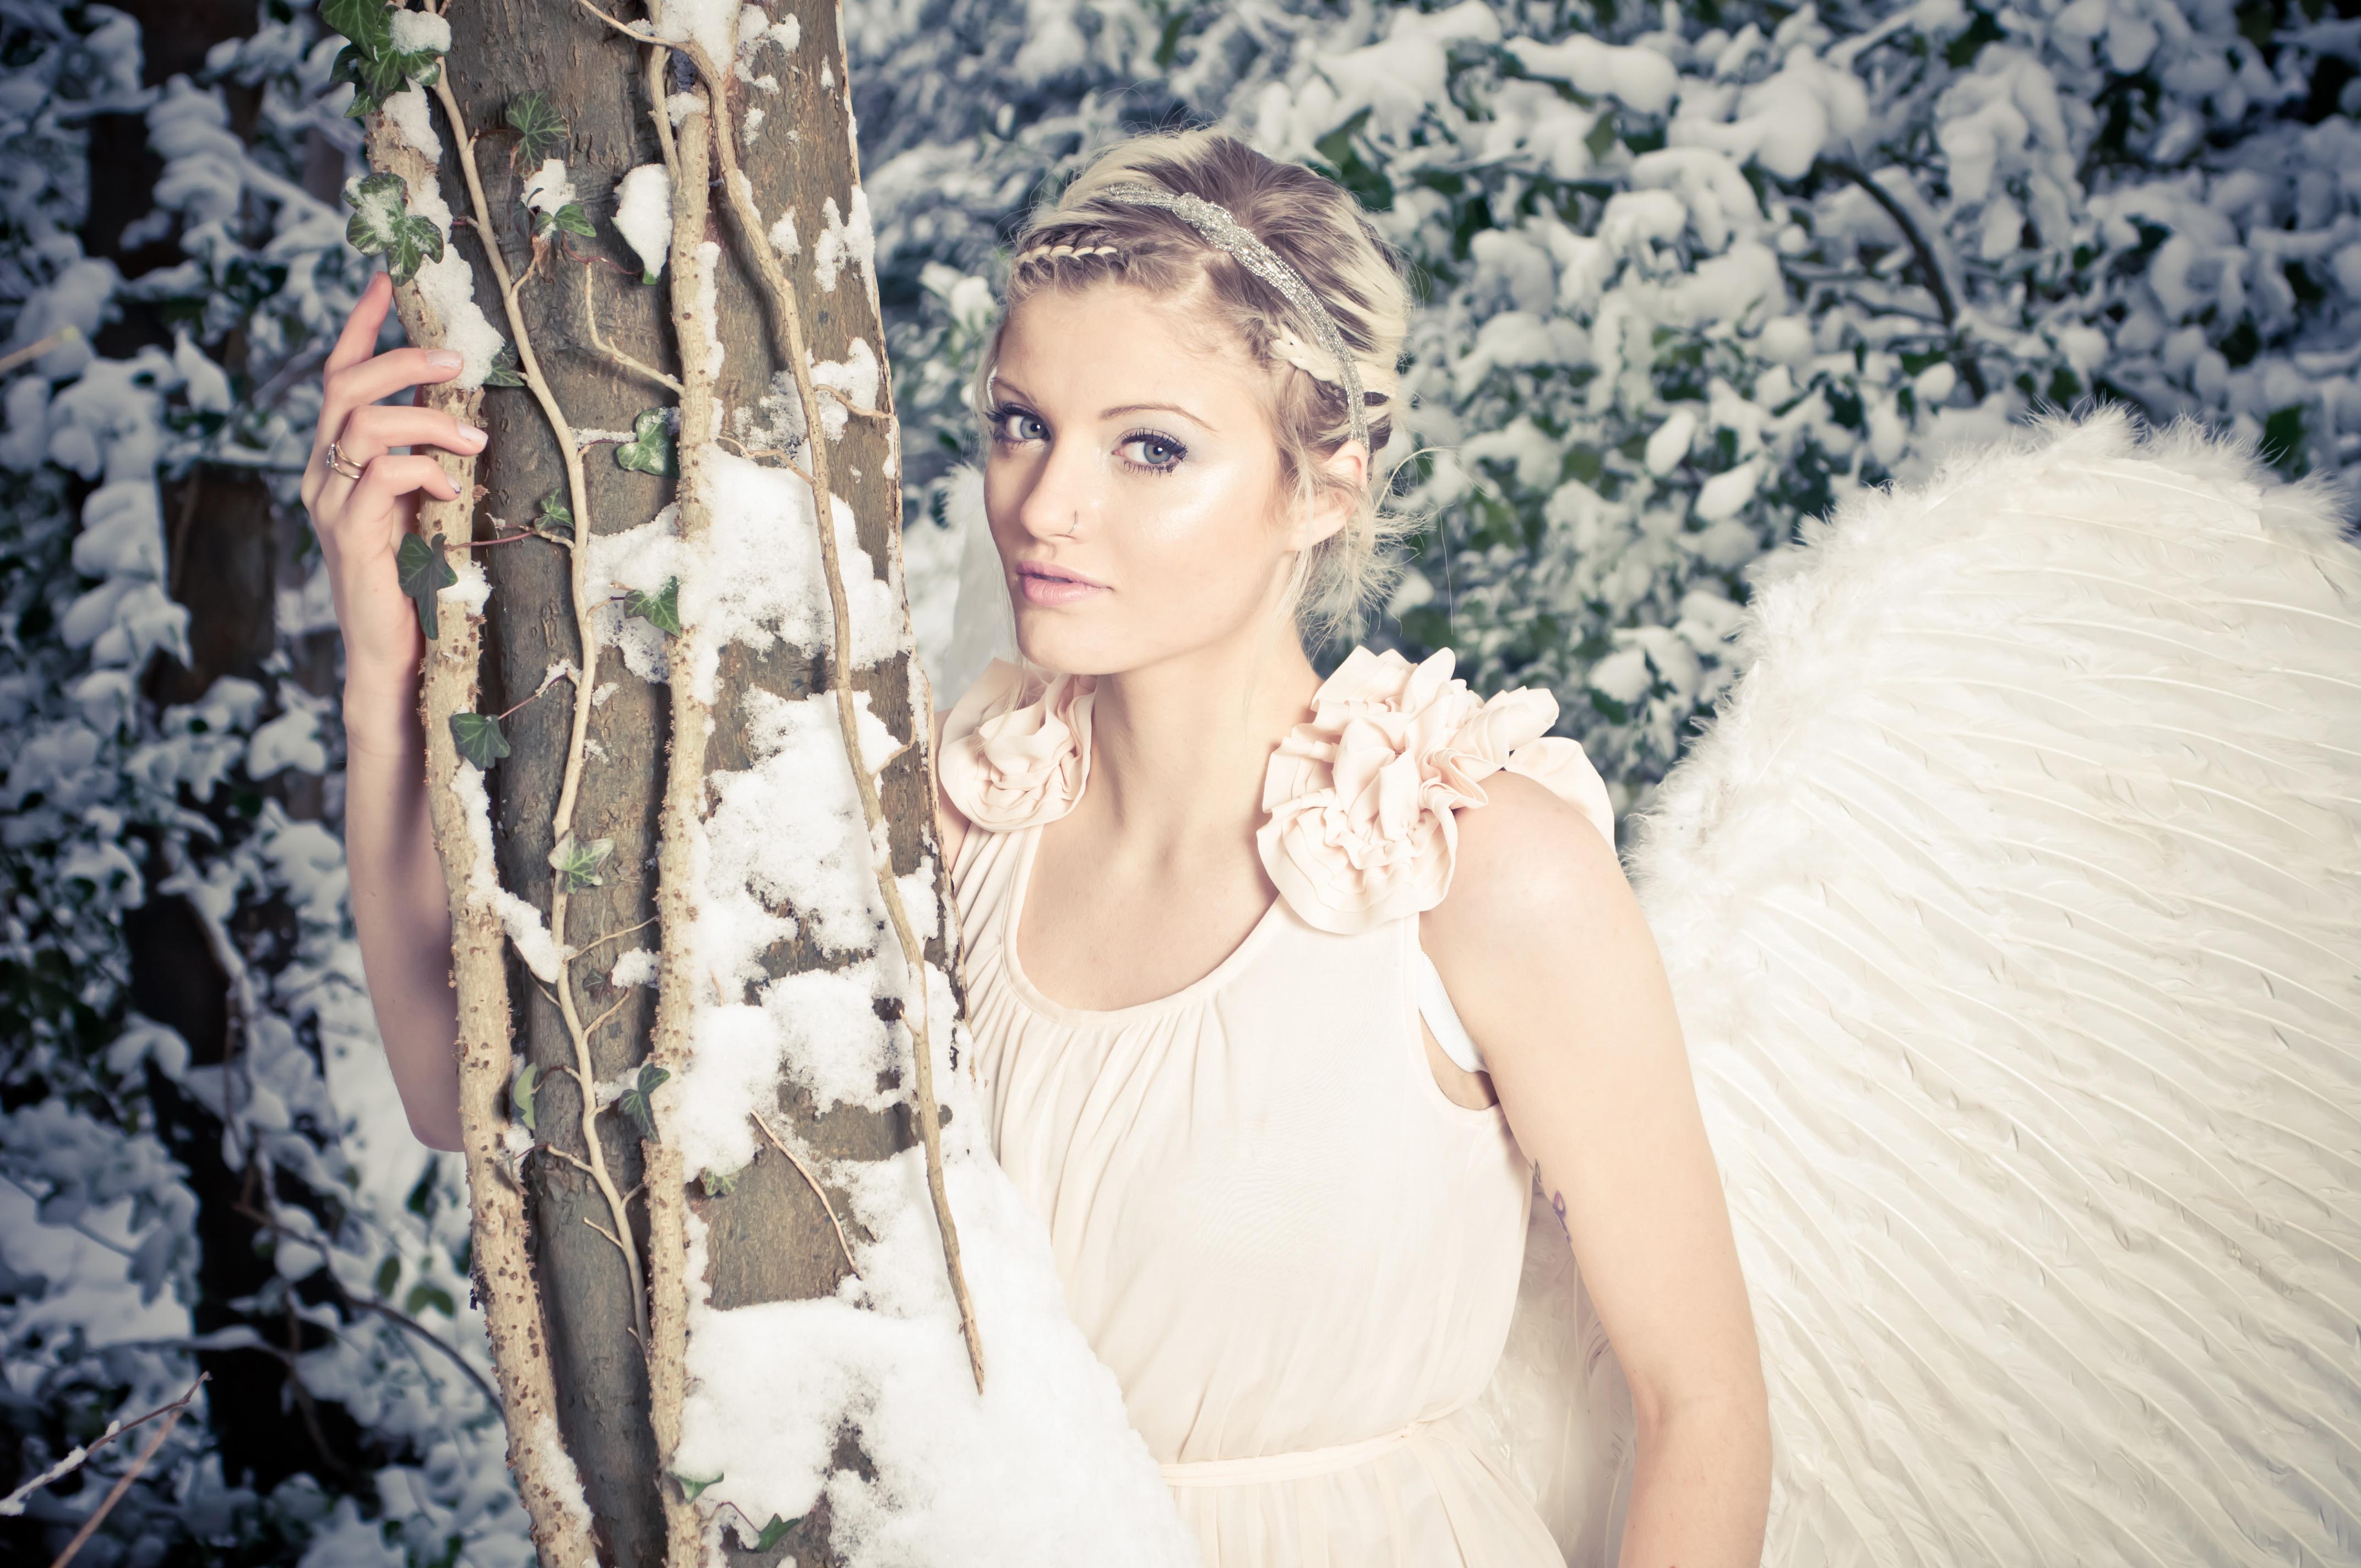 Hintergrundbilder : Modell-, blond, lange Haare, Engel, Winter ...